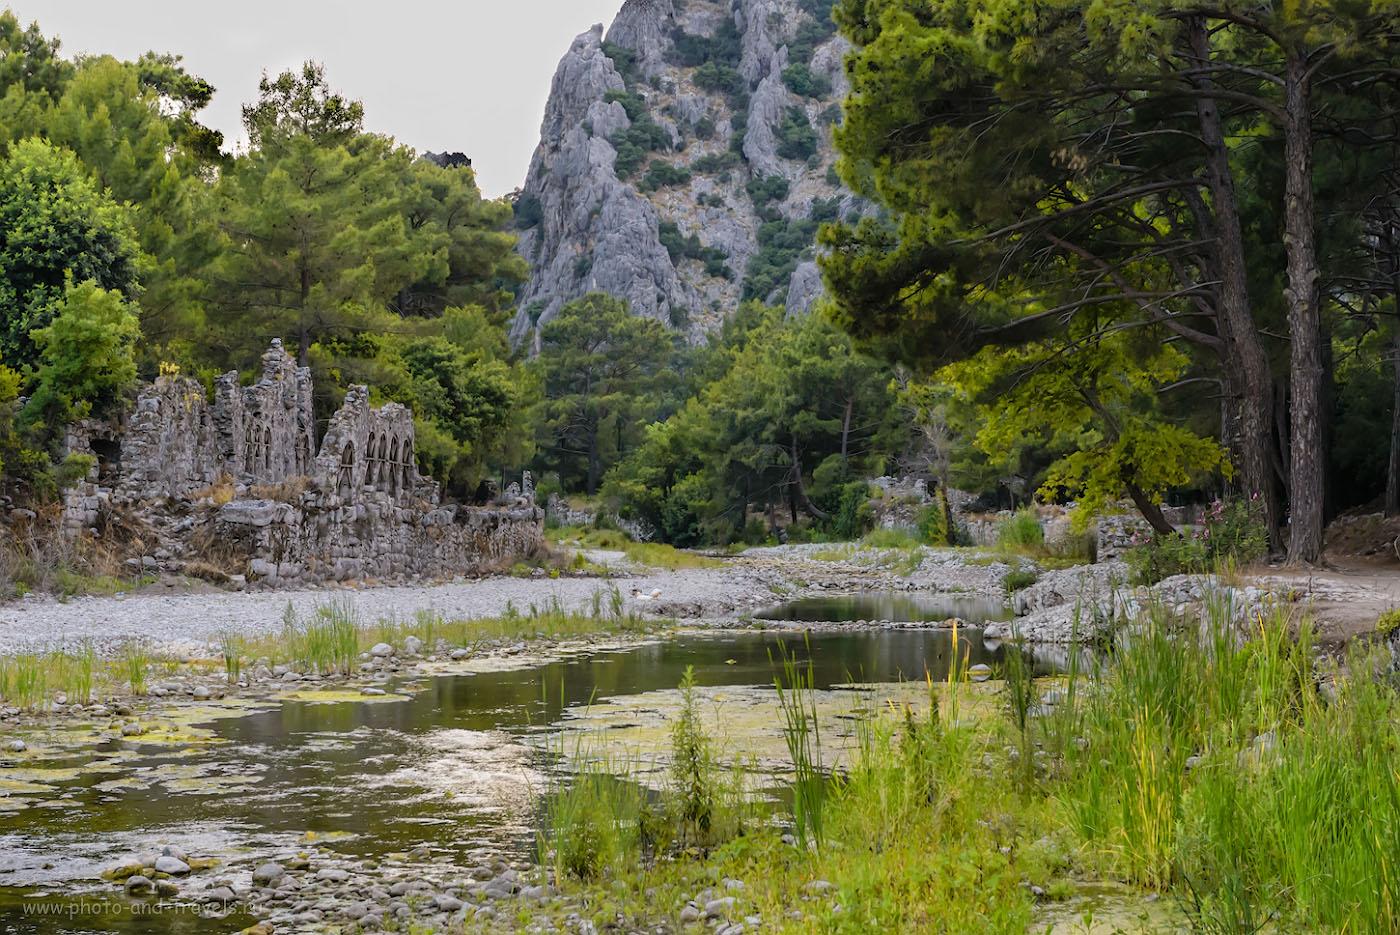 Фотография 20. Ручей, античные развалины. Прикоснись к истории, находясь на отдыхе в Кемере. 1/200, 8.0, 4000, 70.